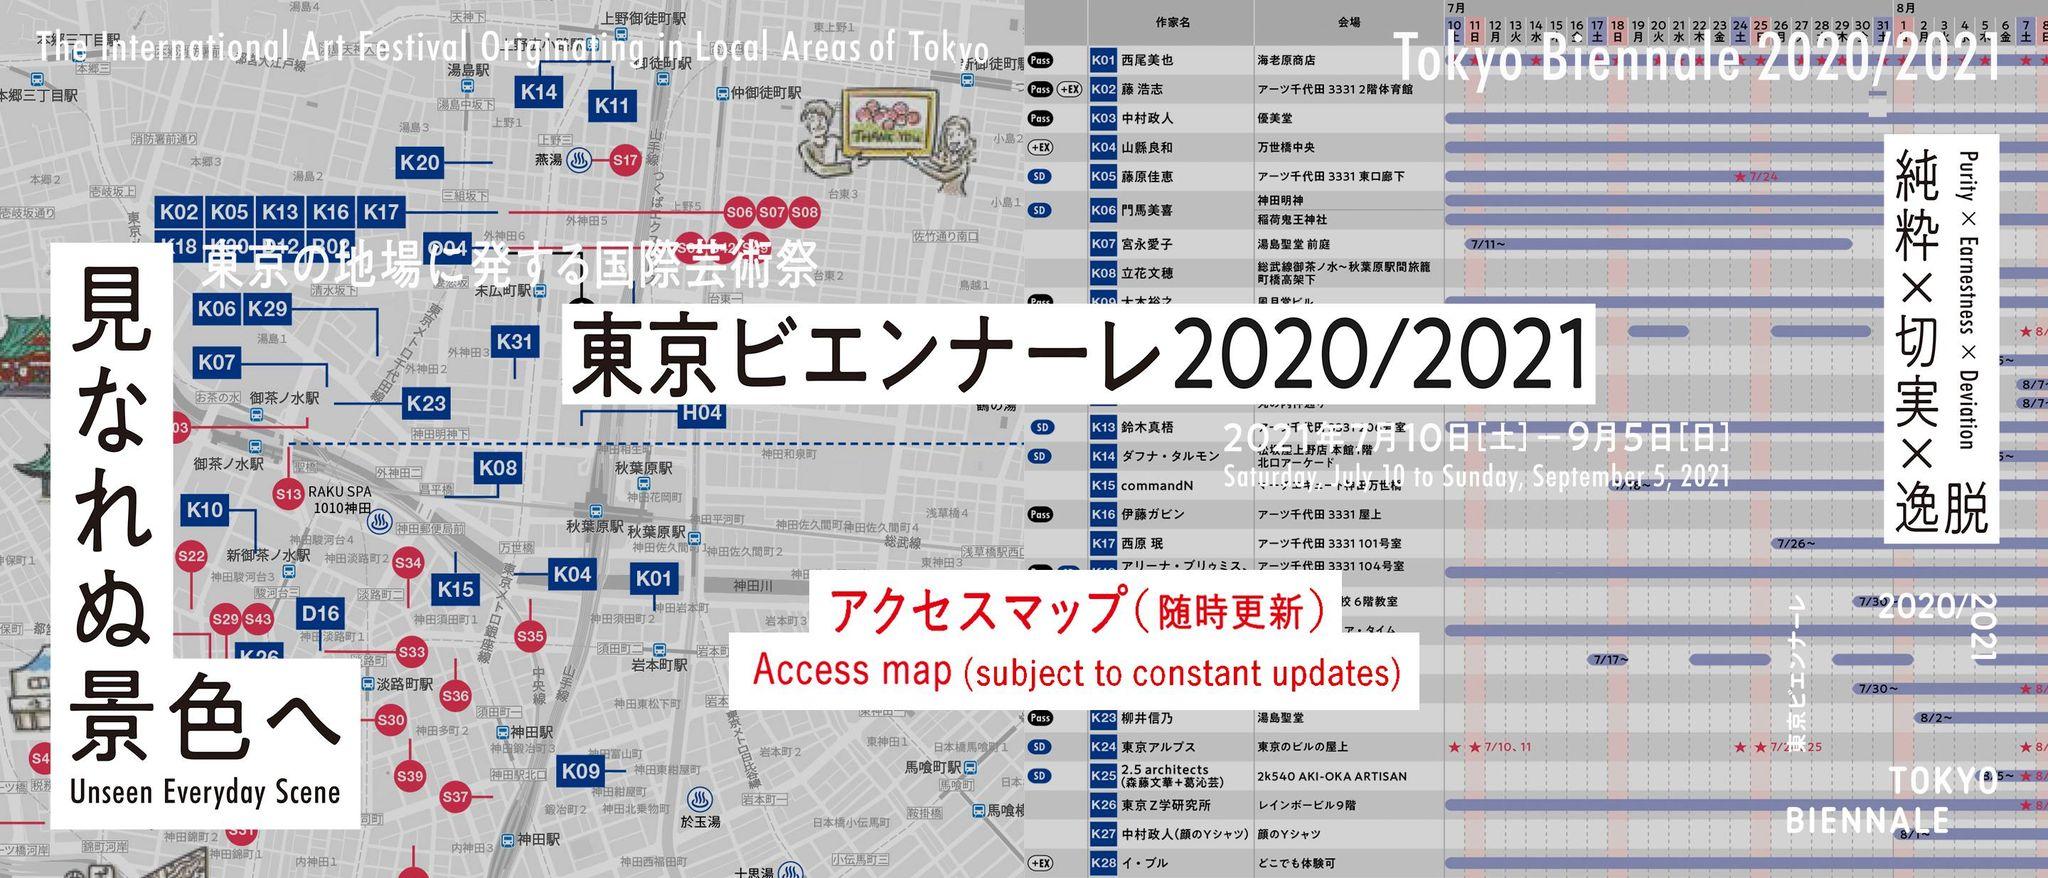 東京ビエンナーレ2020/2021|アクセスマップのご案内